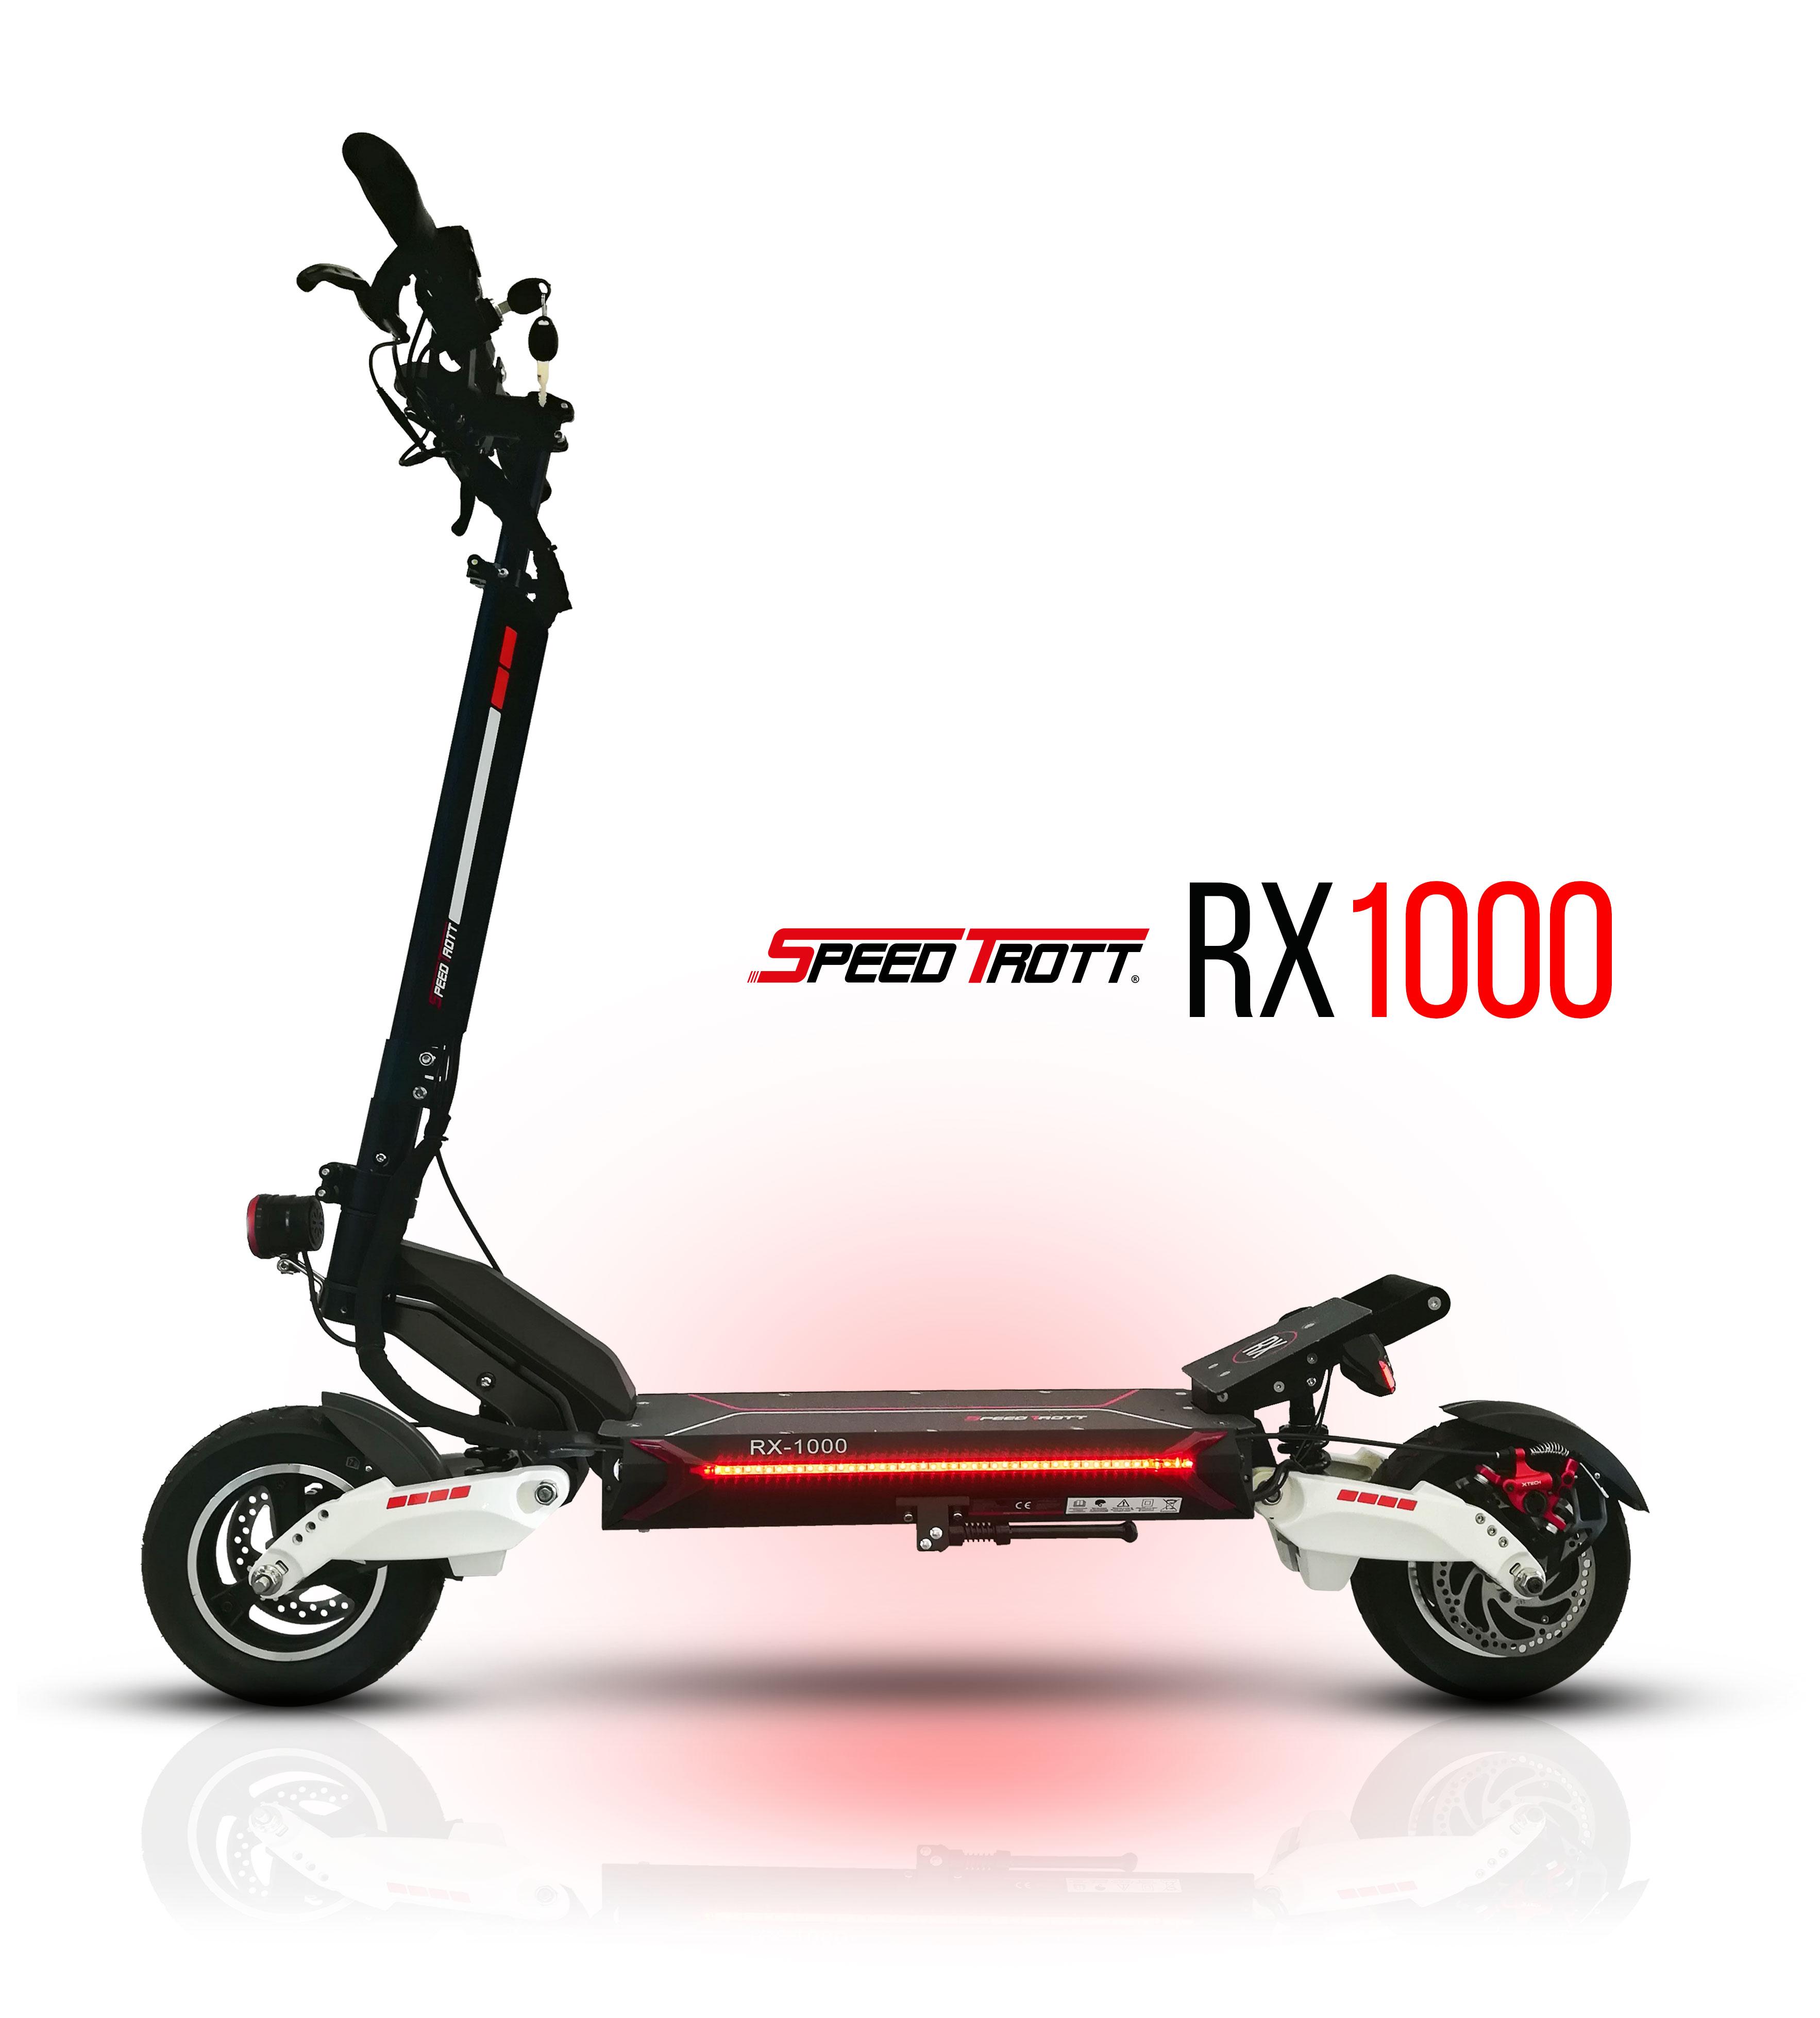 RX1000_SPEEDTROTT_03.jpg